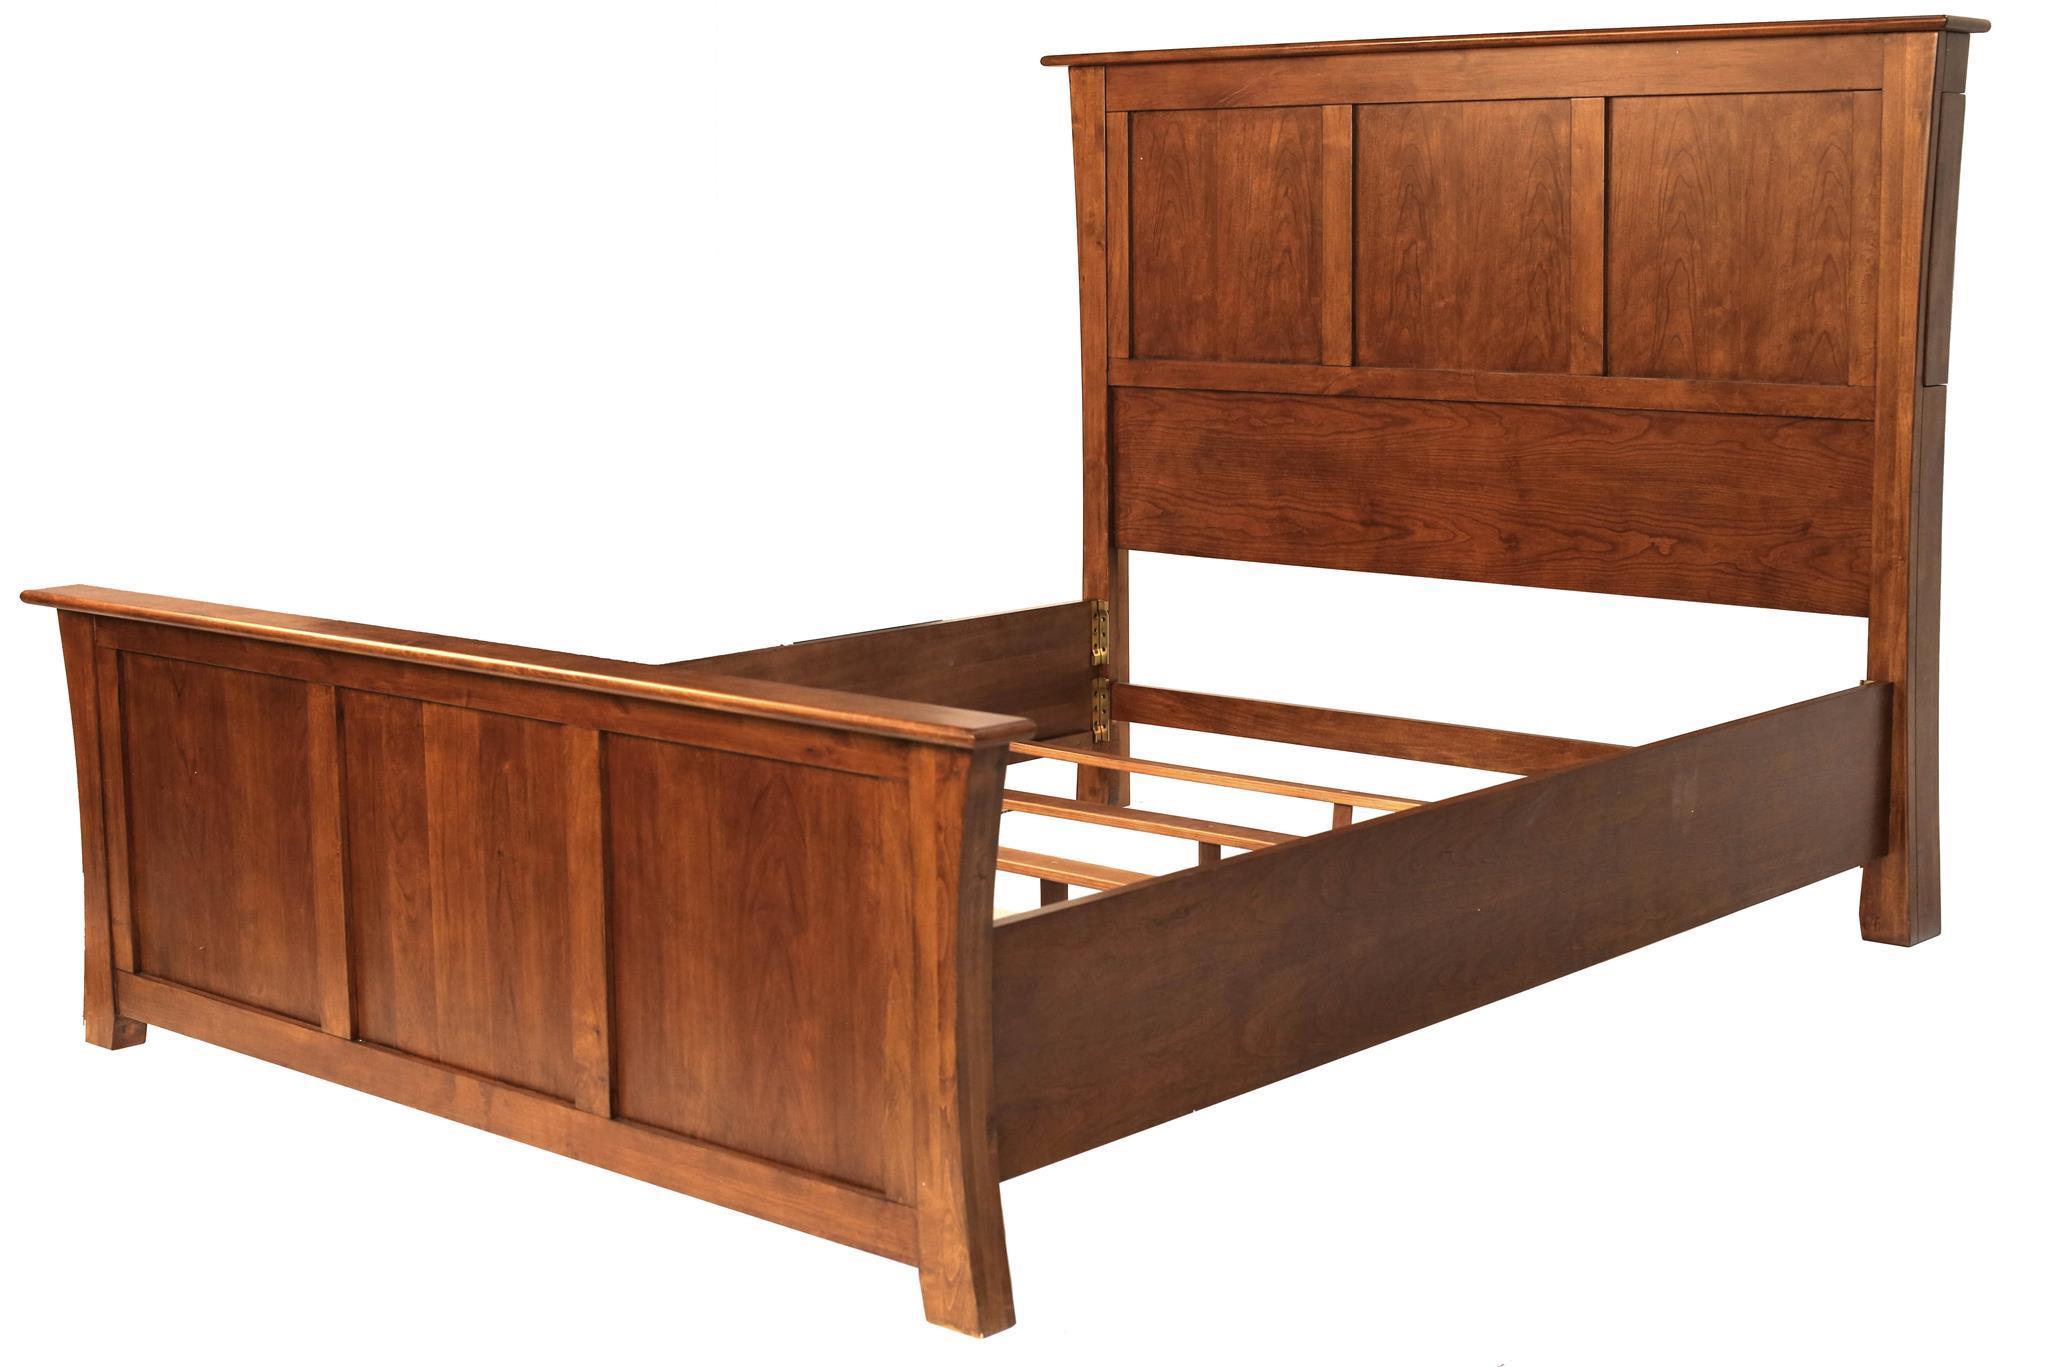 AAmerica Grant Park Queen Panel Bed - Item Number: GPKPE5030